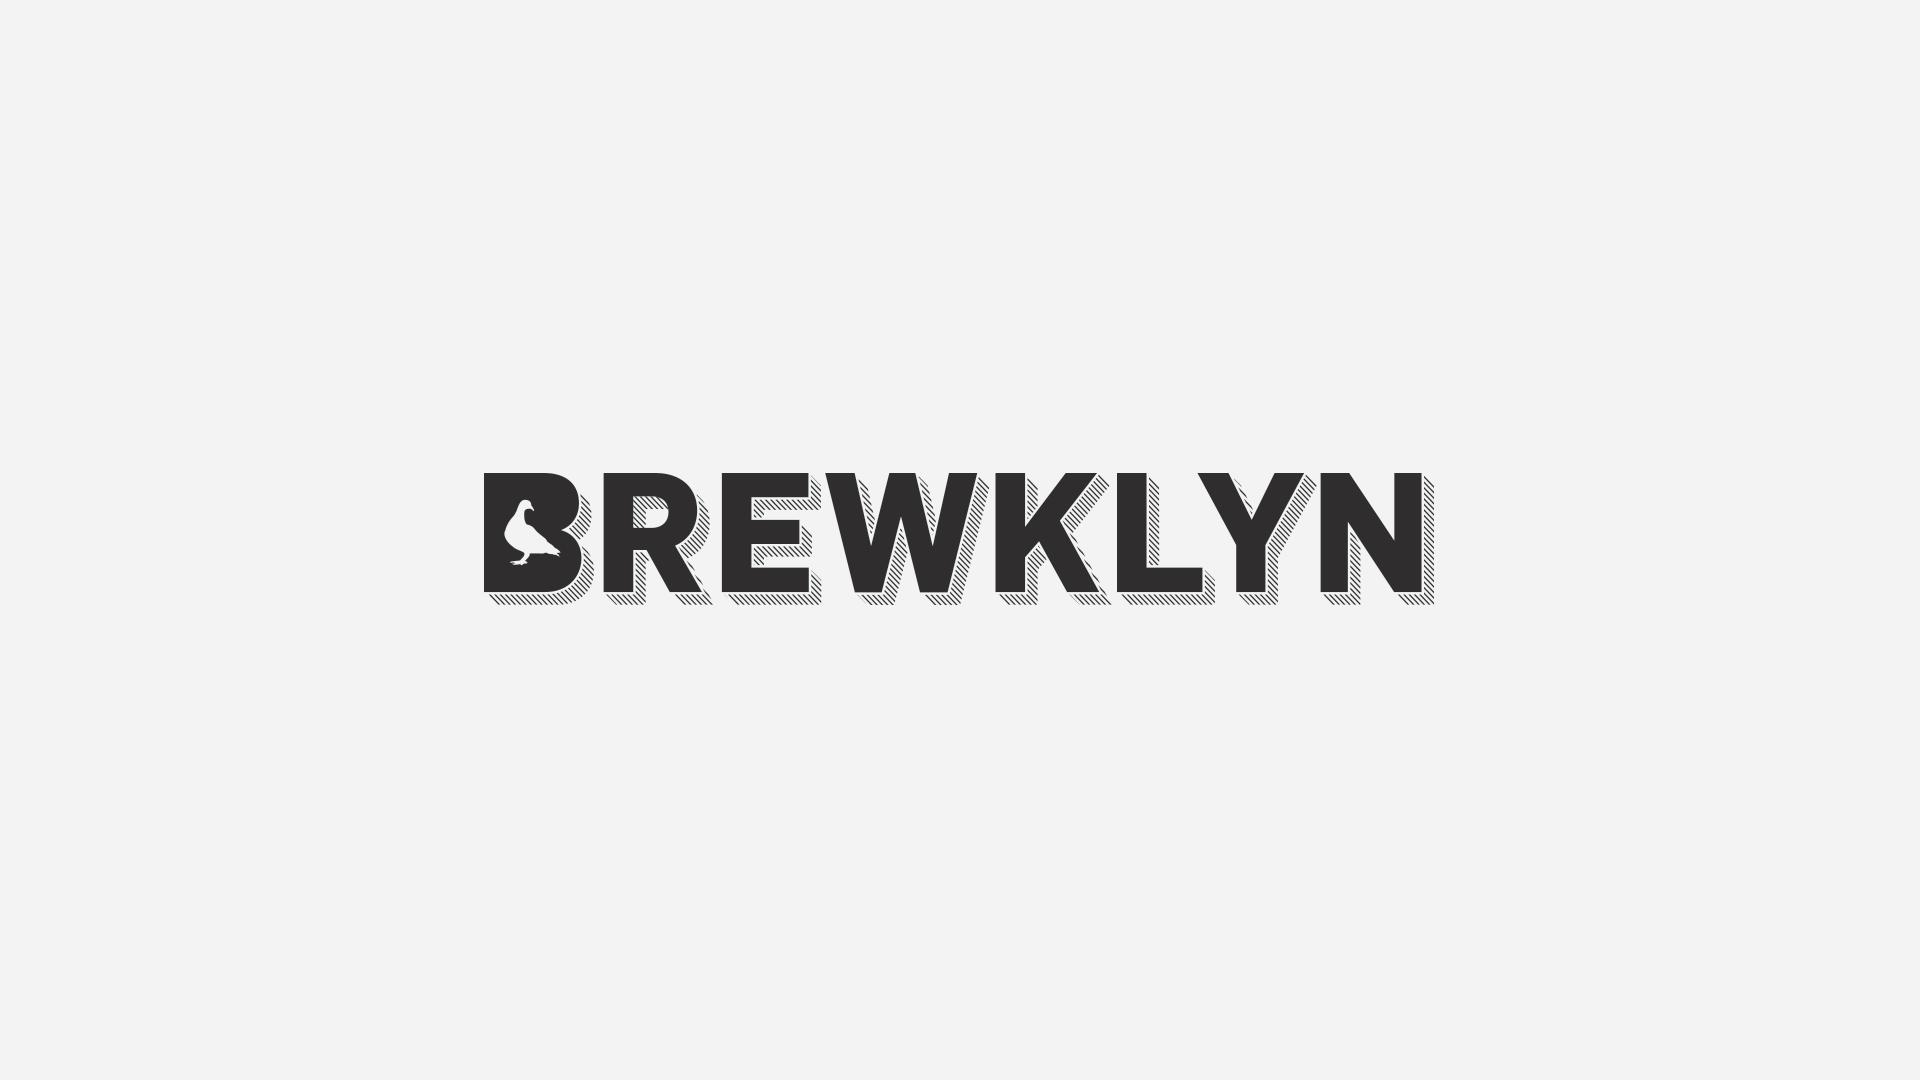 DANG_Brewklyn_slide_wordmark